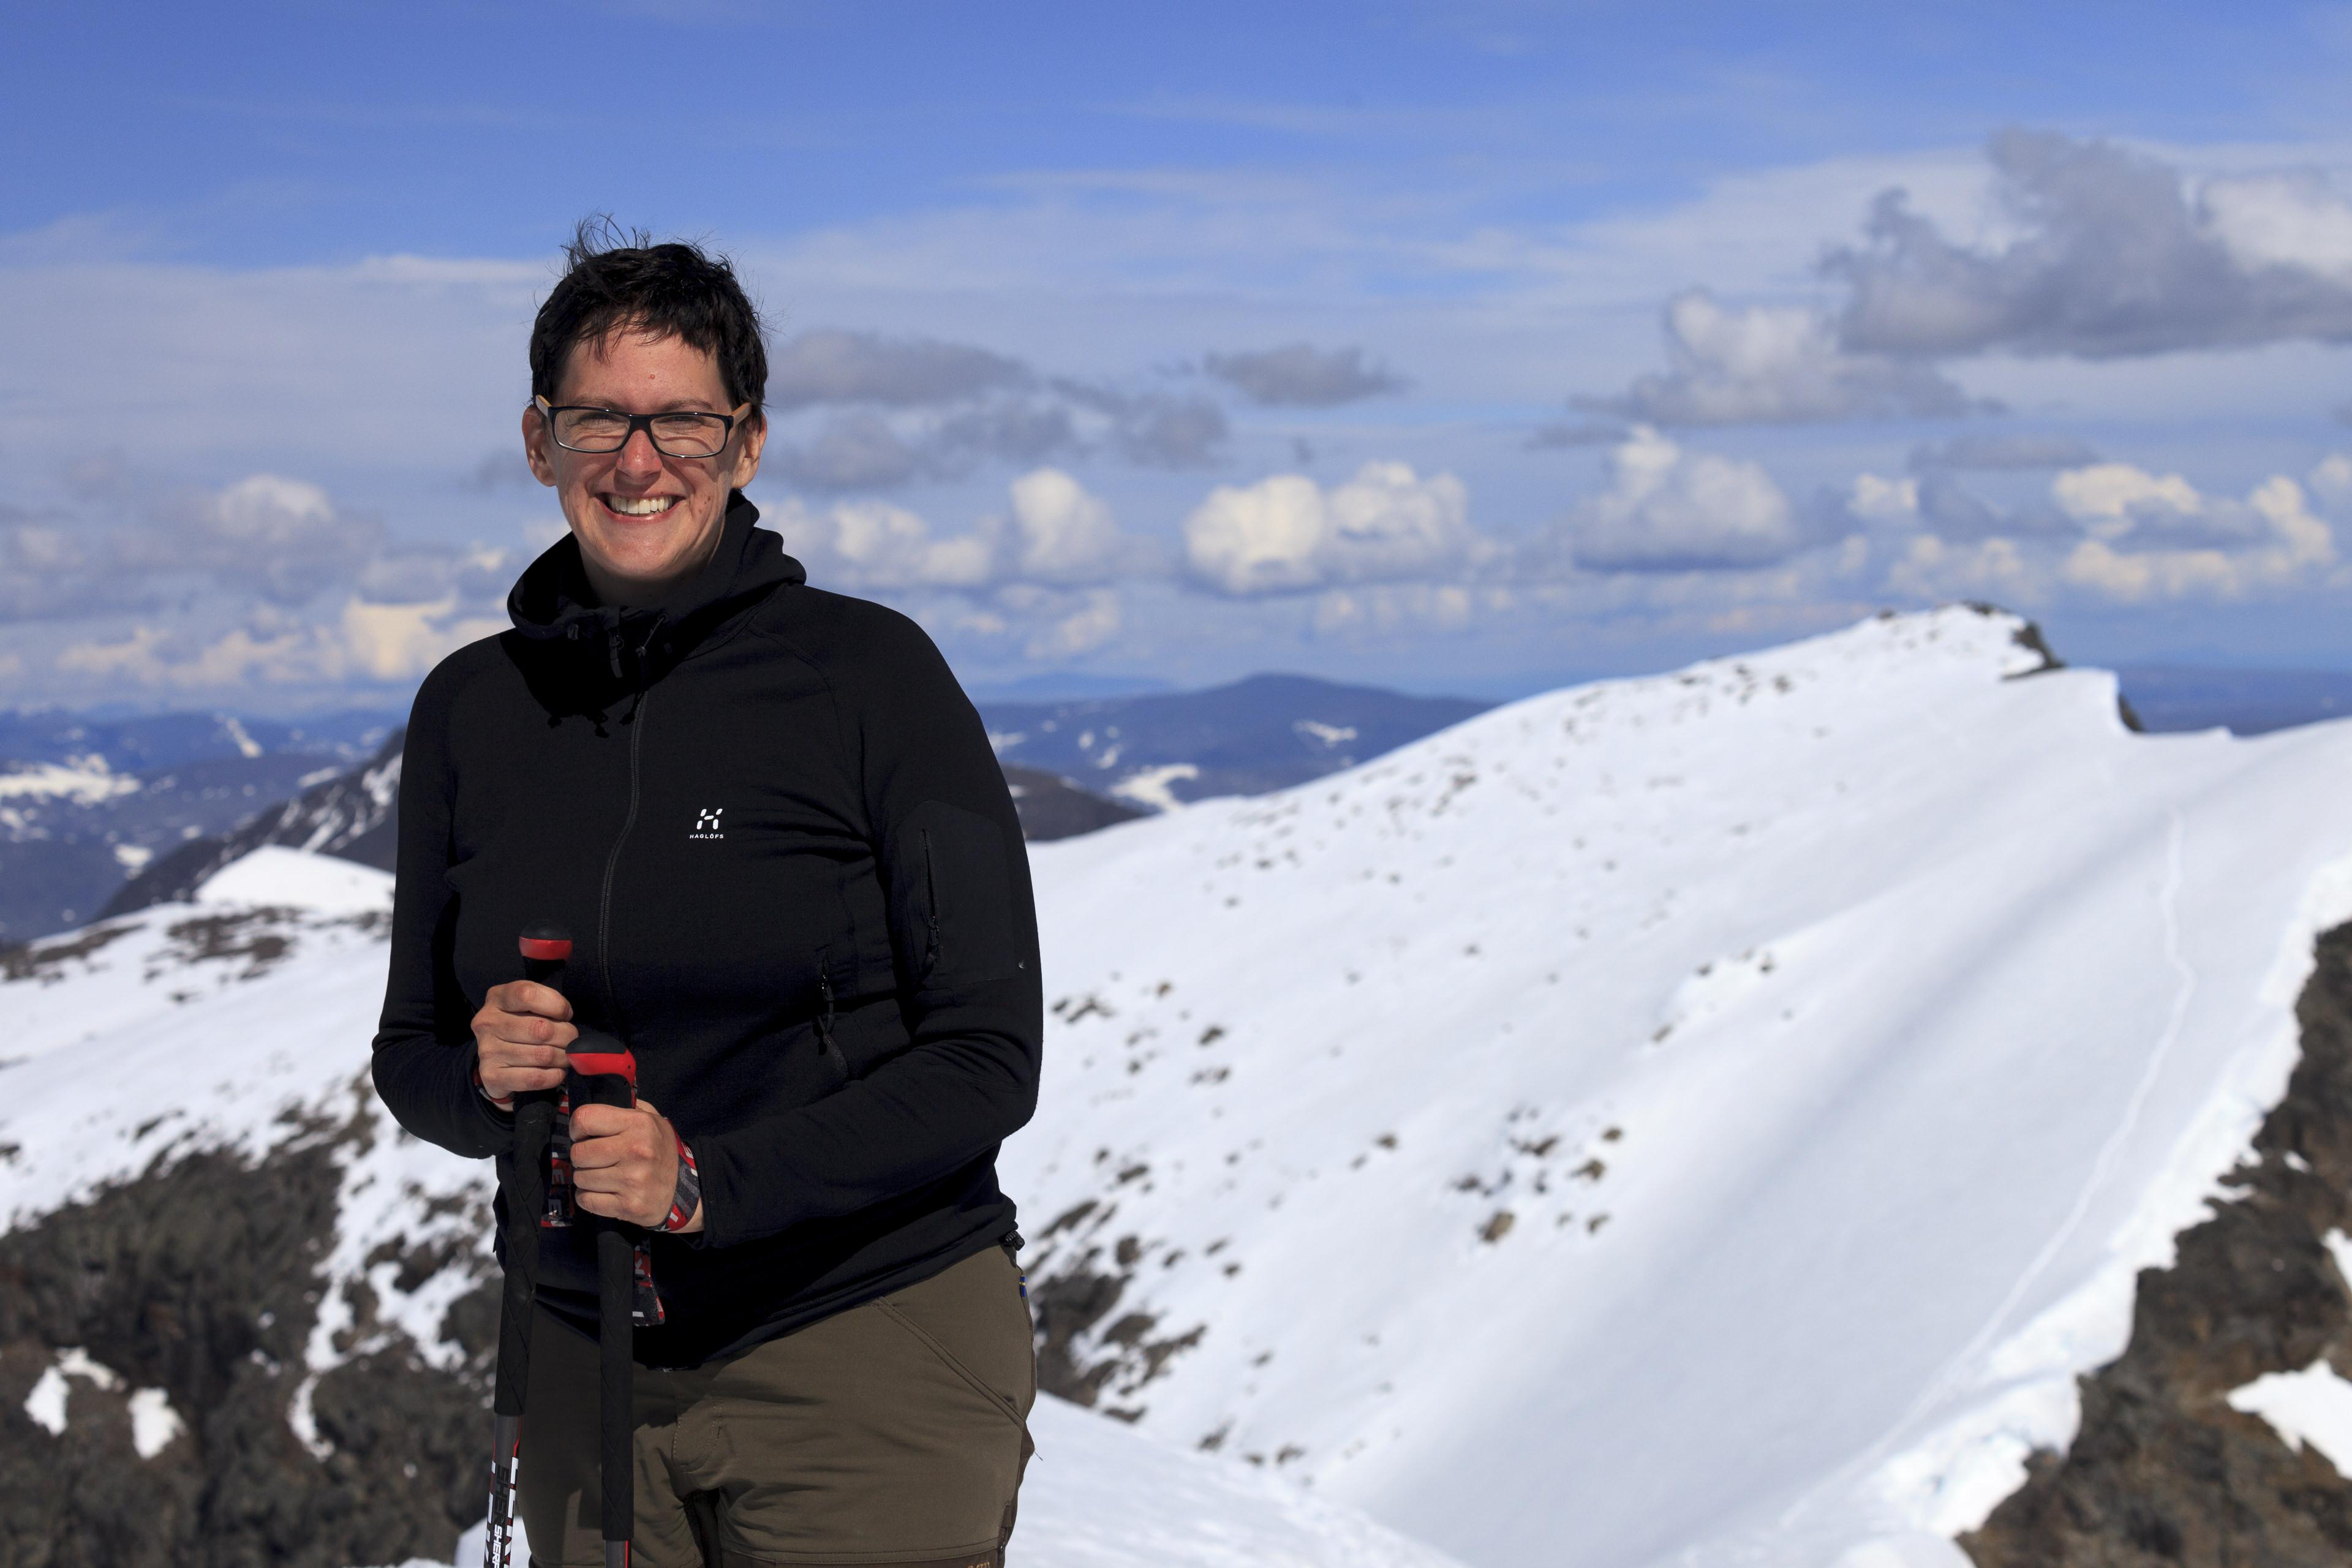 Elisabeth am Kebnekaise Sydtoppen (2102m), im Hintergrund der Nordtoppen (2096m),©Markus Proske—Canon EOS 5D Mark II, EF70-300mm f/4-5.6L IS USM, 70mm, 1/800s, Blende 8, ISO 200